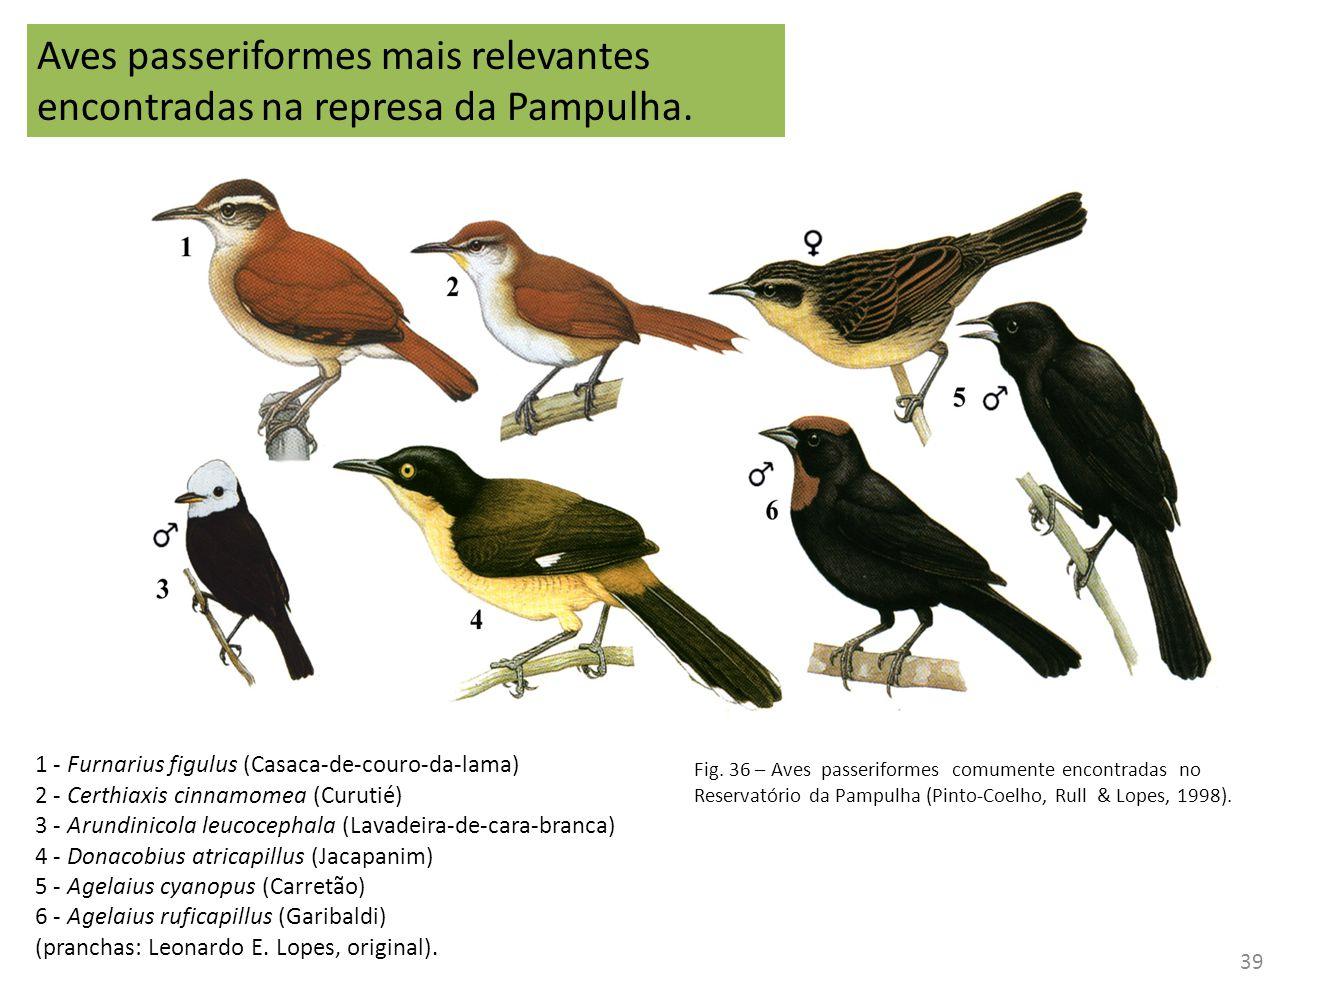 Aves passeriformes mais relevantes encontradas na represa da Pampulha.